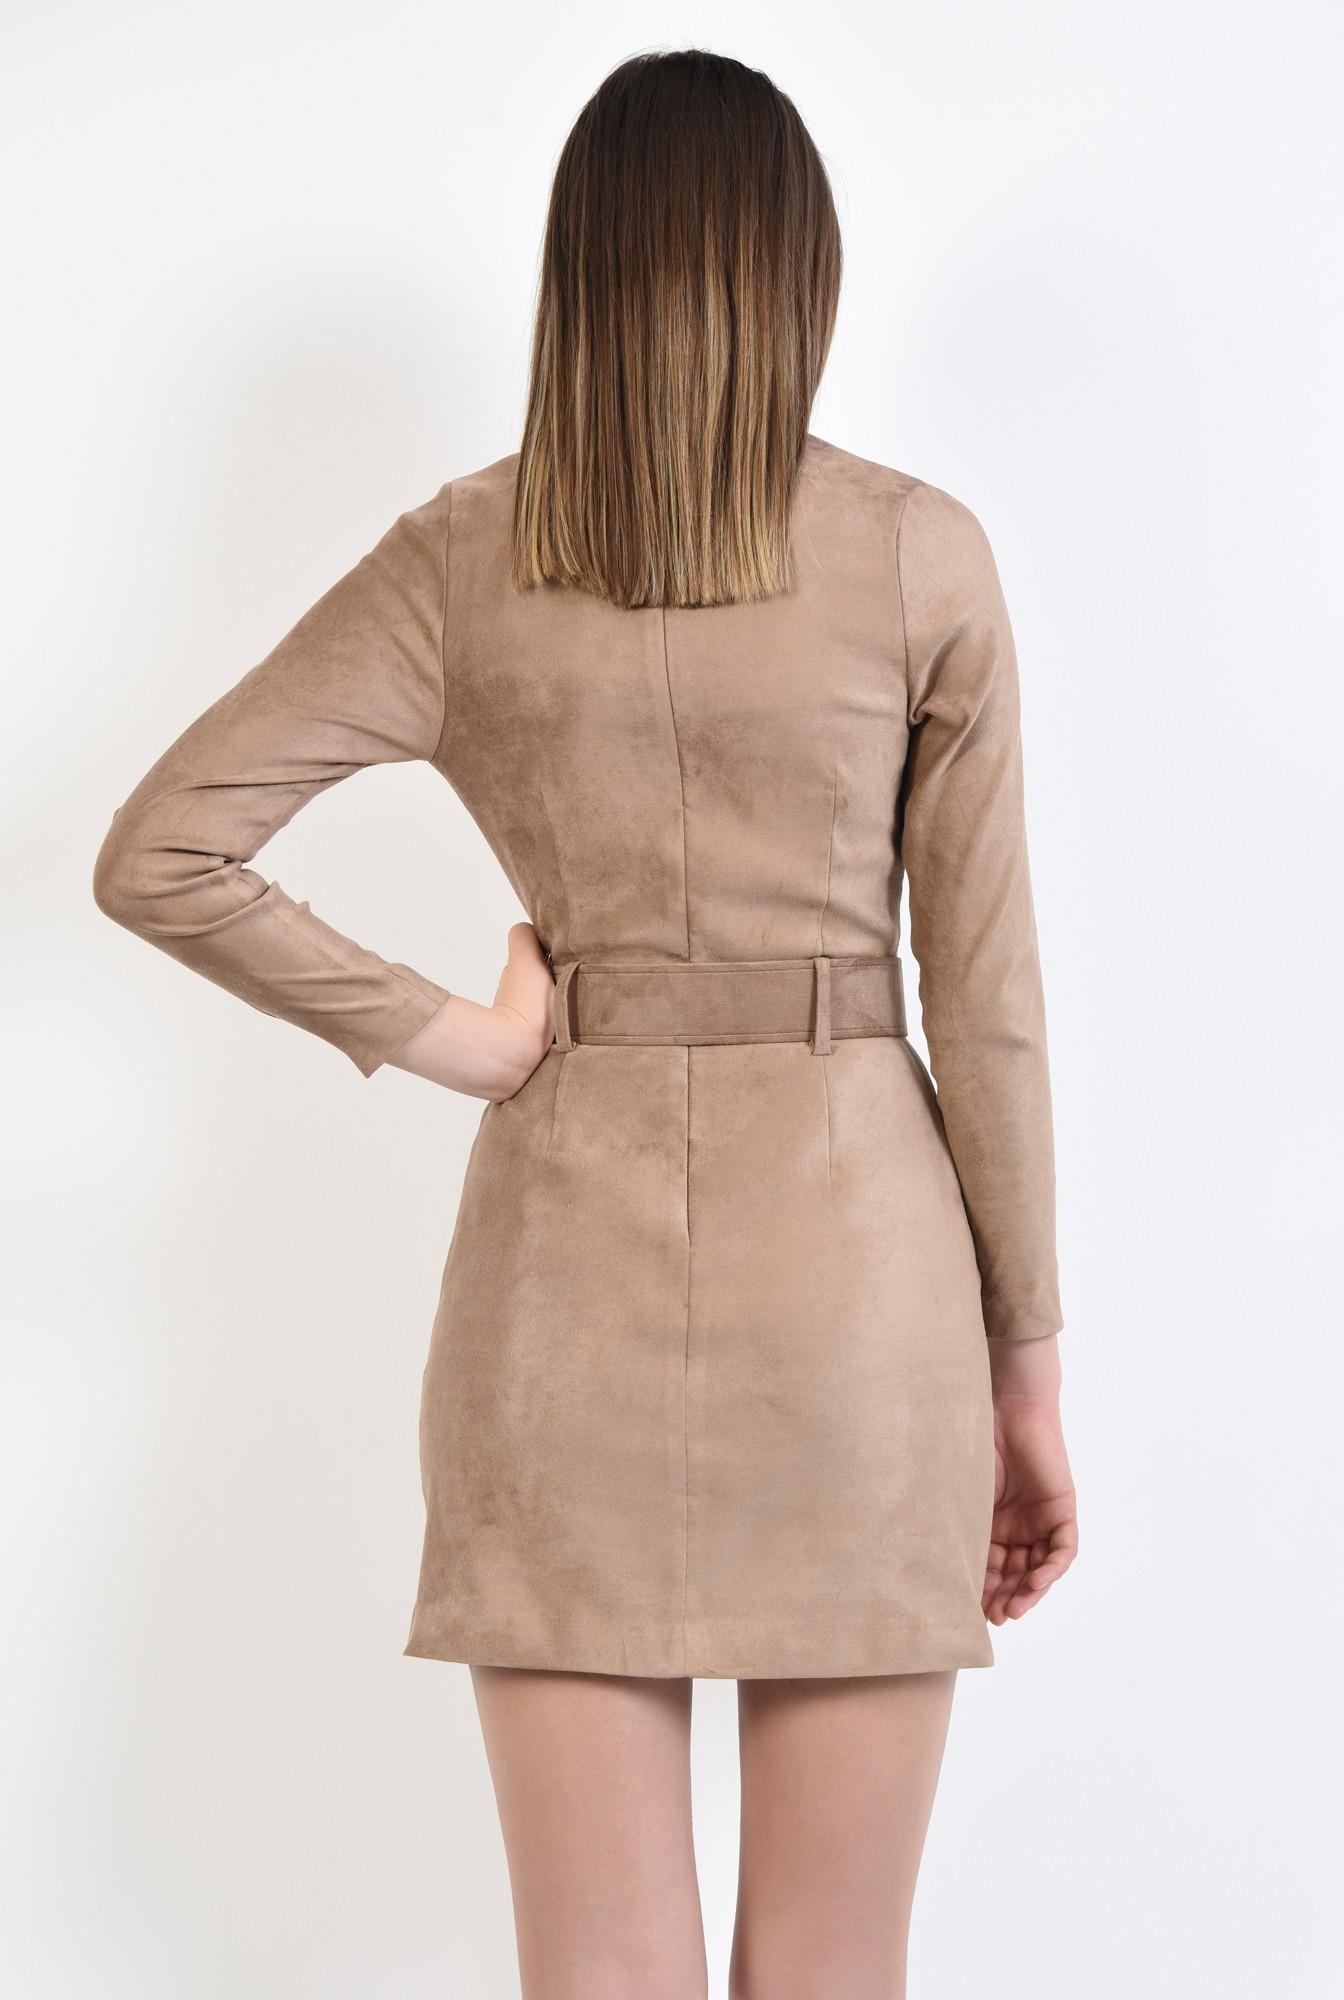 1 - rochie scurta, bej, din piele intoarsa, cu maneci mulate, cu centura